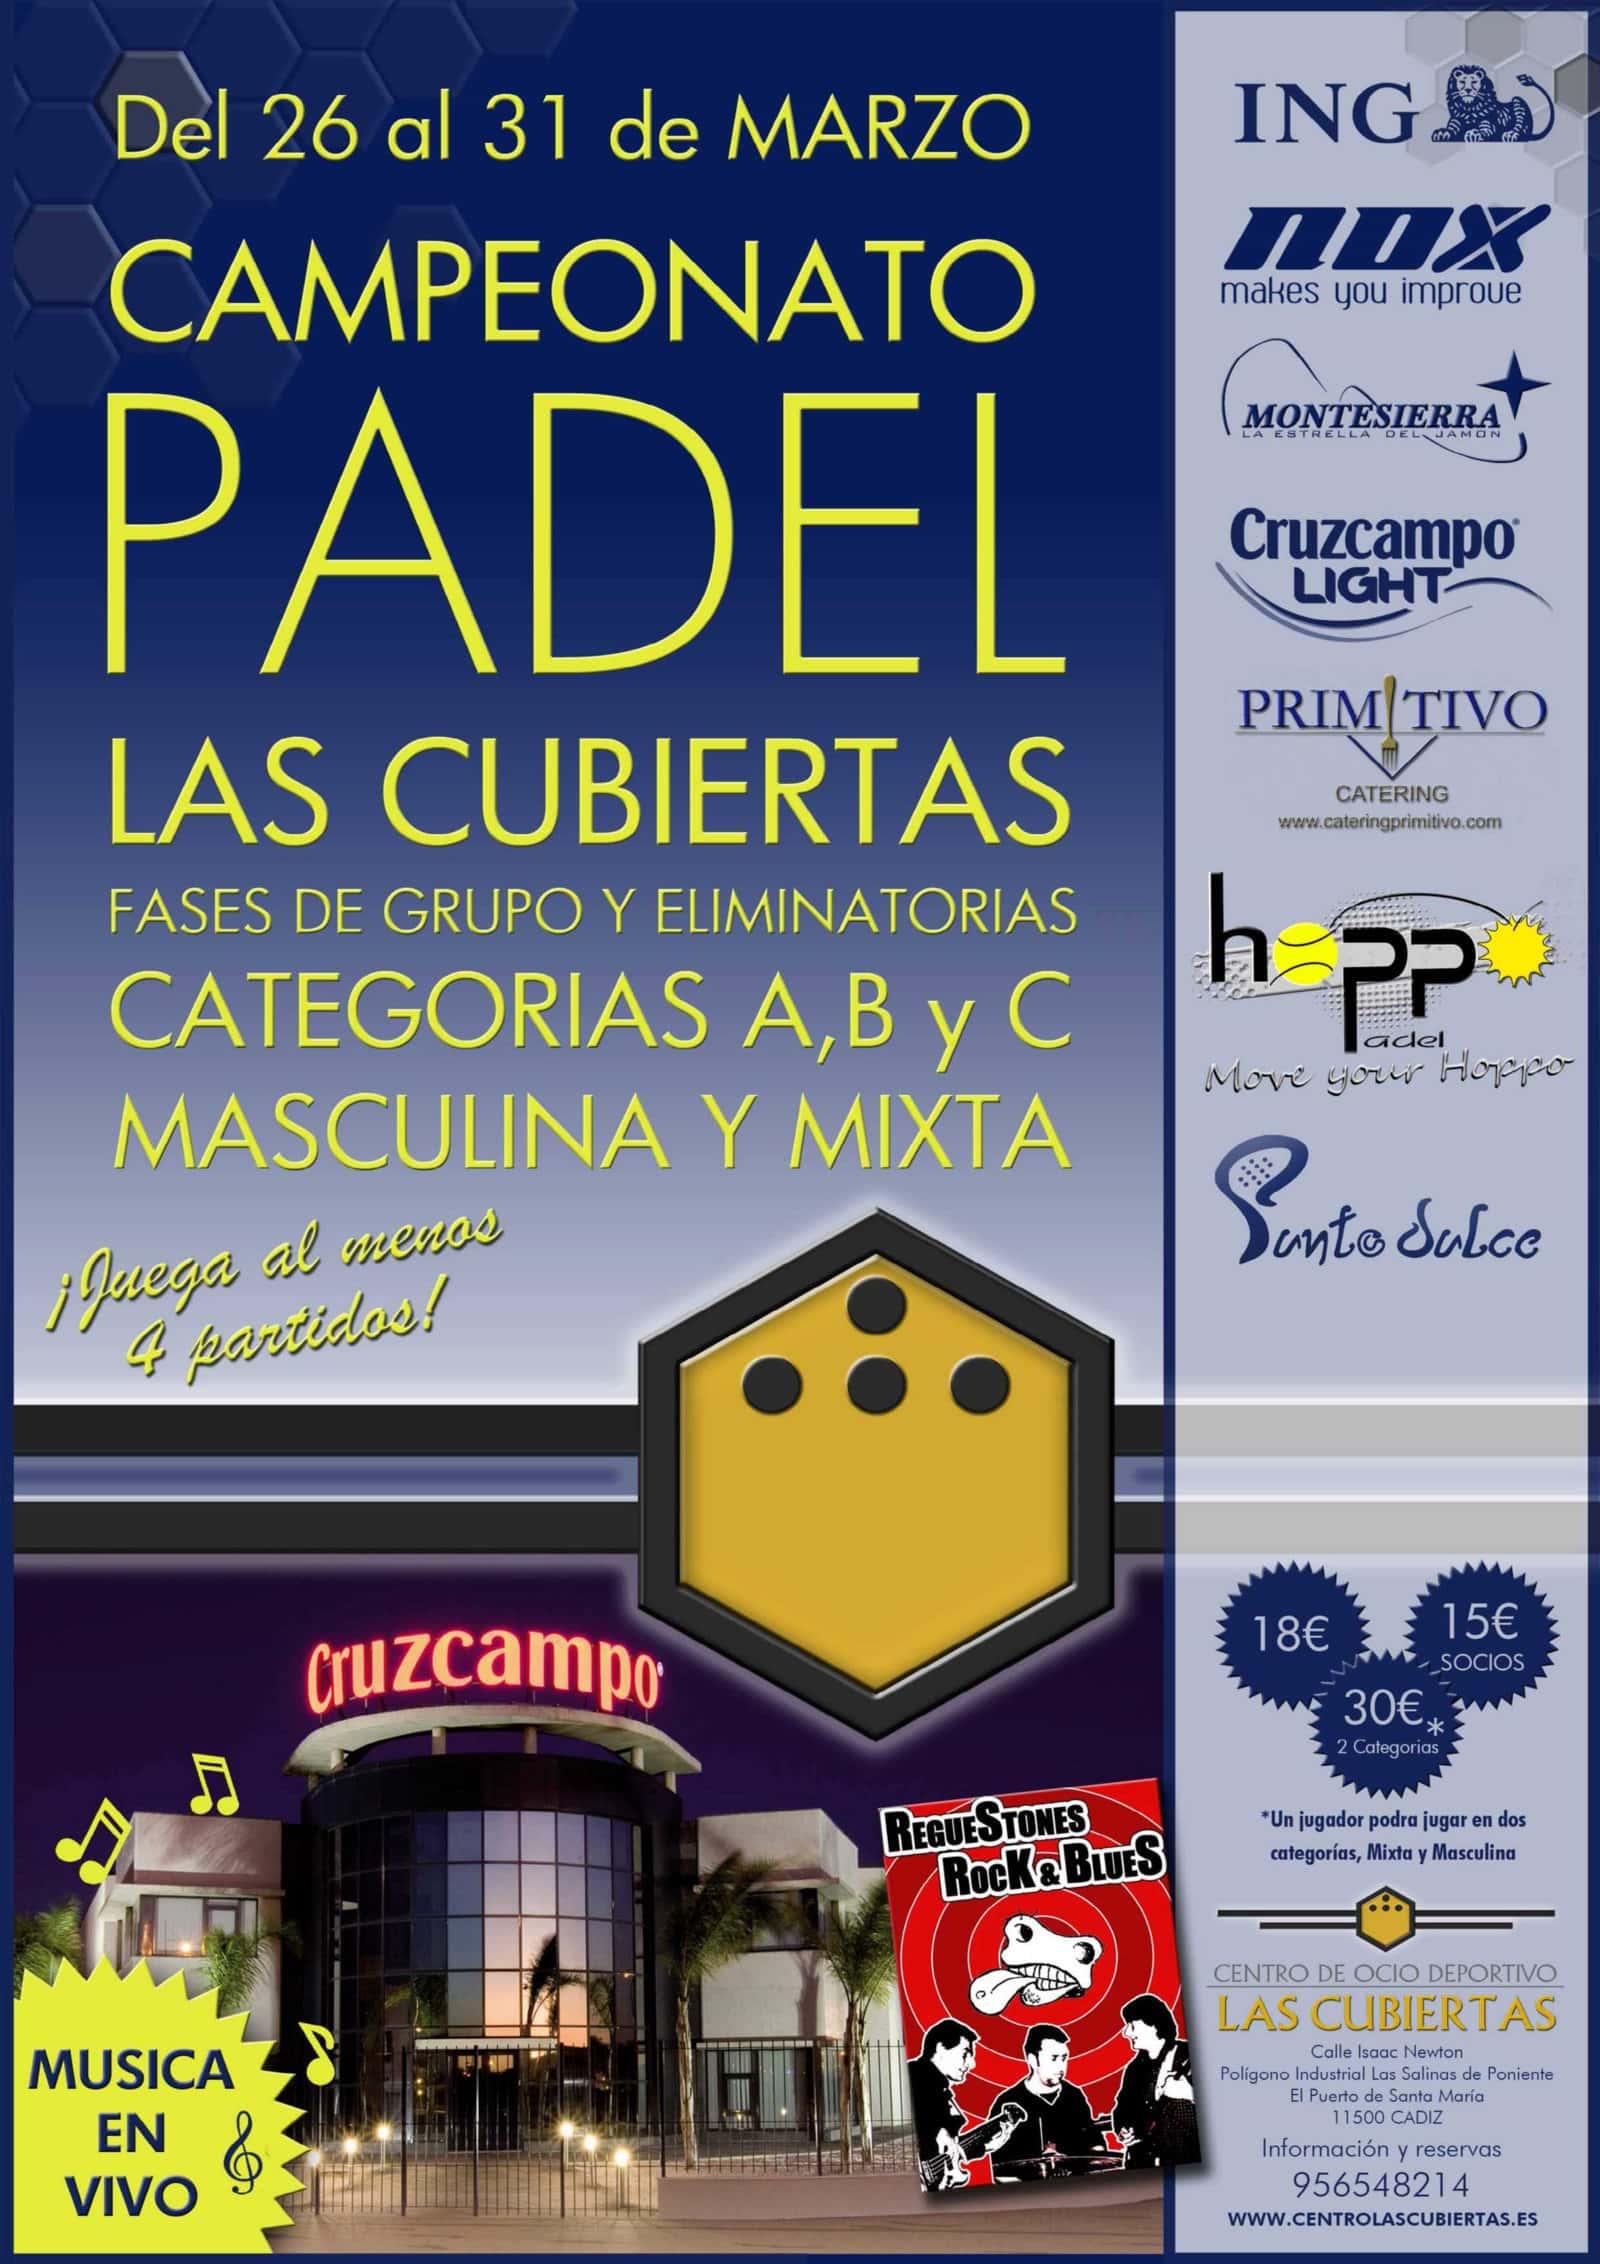 Campeonato Padel Las Cubiertas 2012